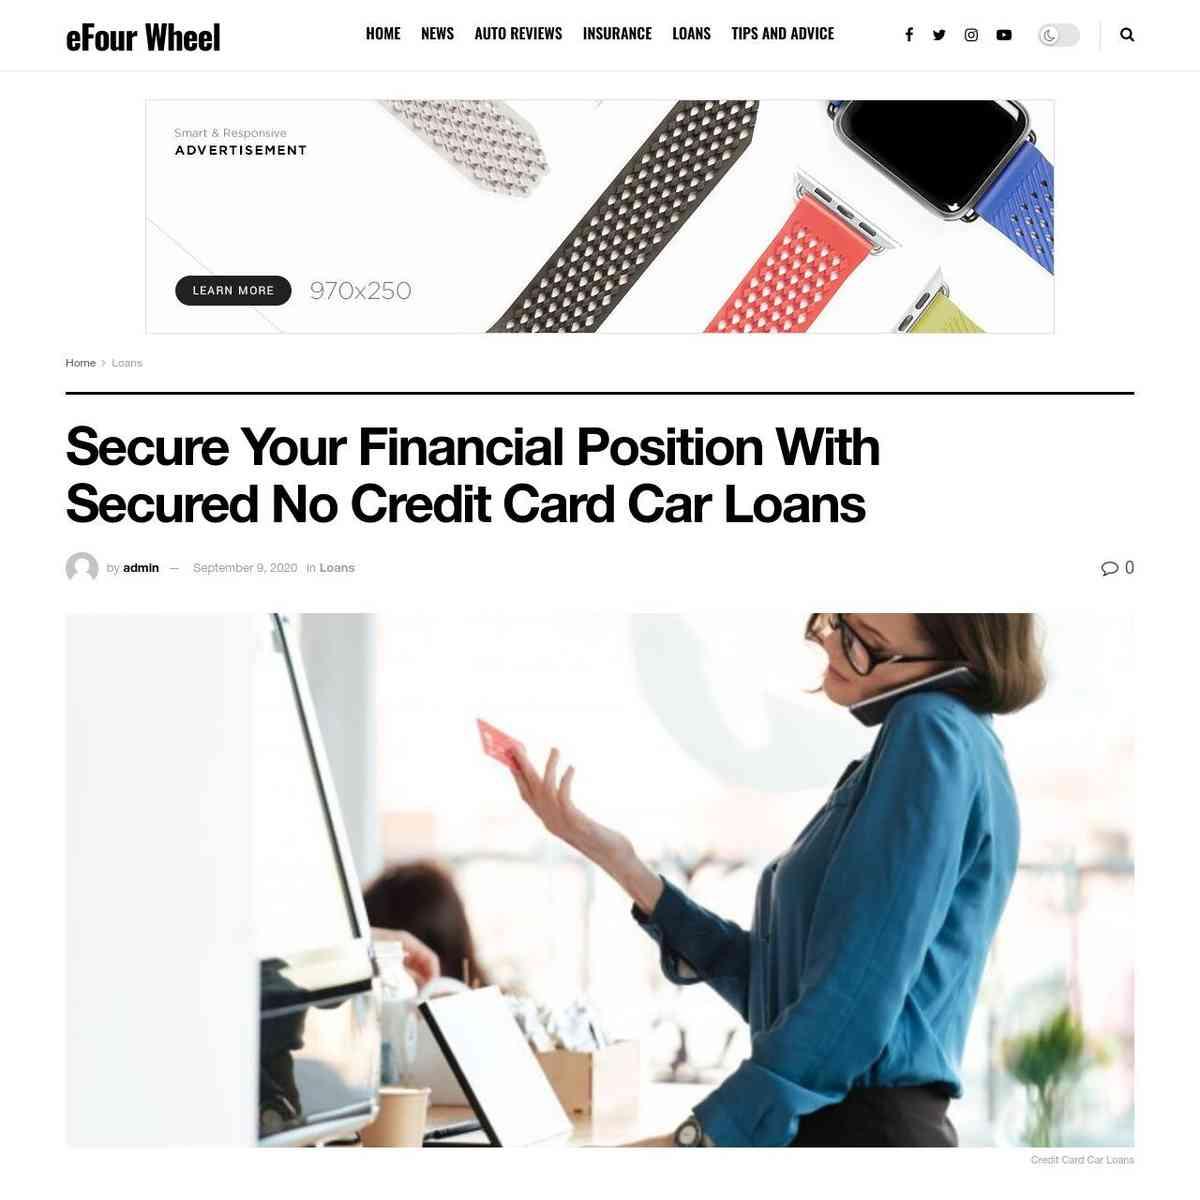 efourwheel.com/credit-card-car-loans/